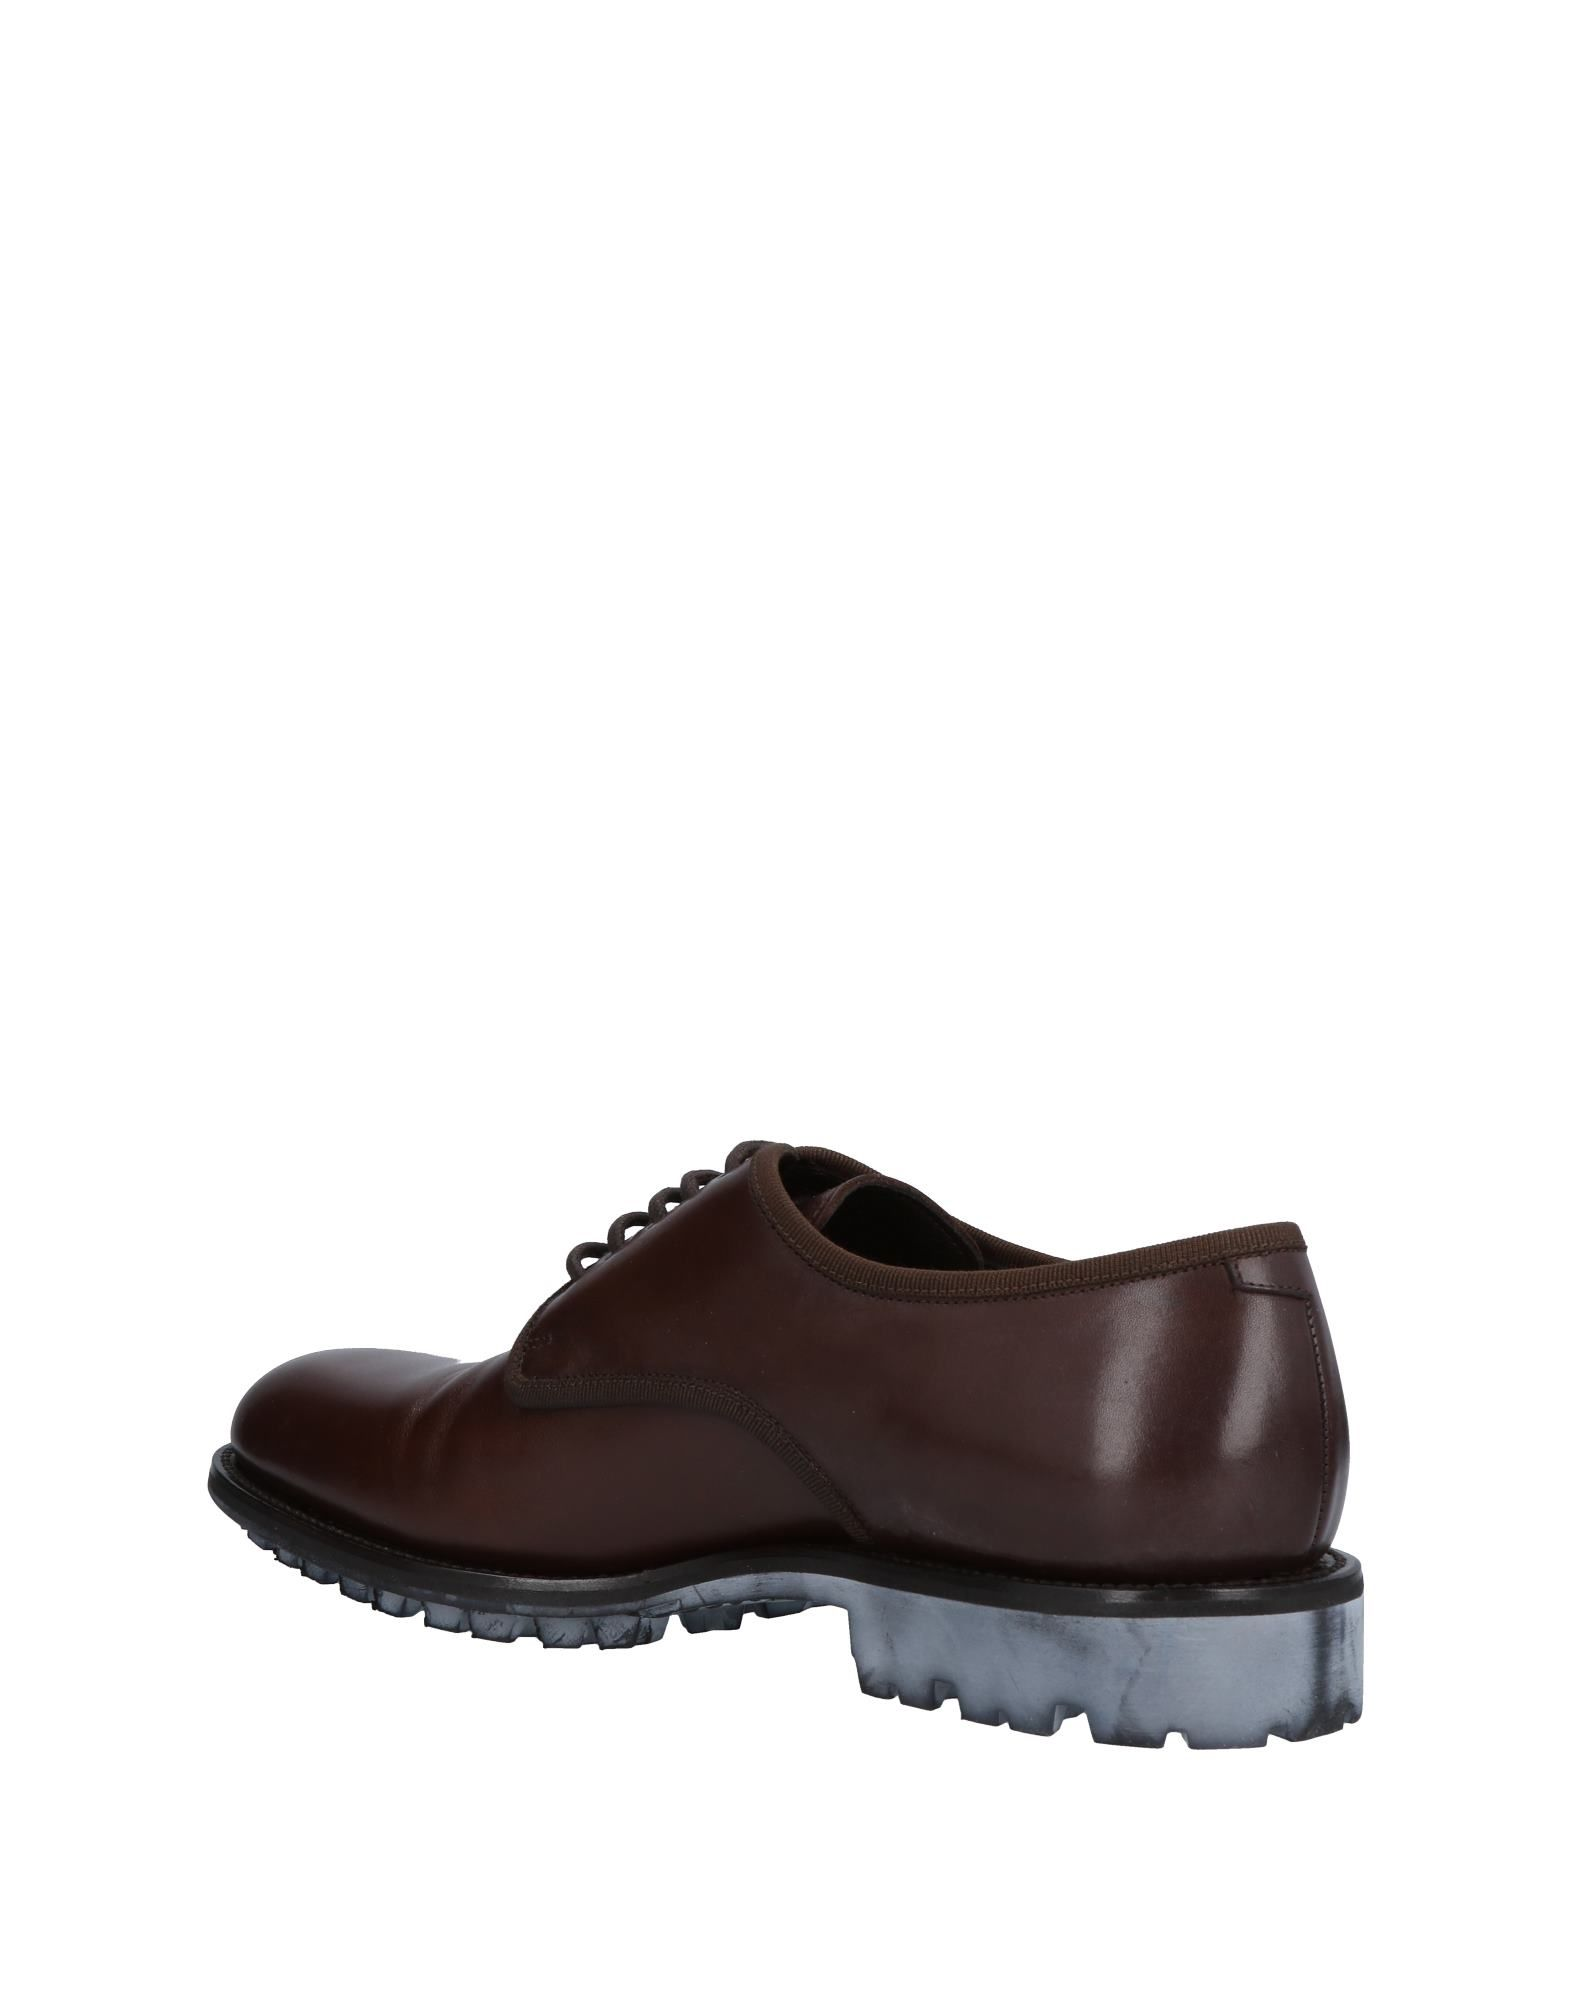 Tonino Caccin Schnürschuhe Qualität Herren  11472061CQ Gute Qualität Schnürschuhe beliebte Schuhe 1827be